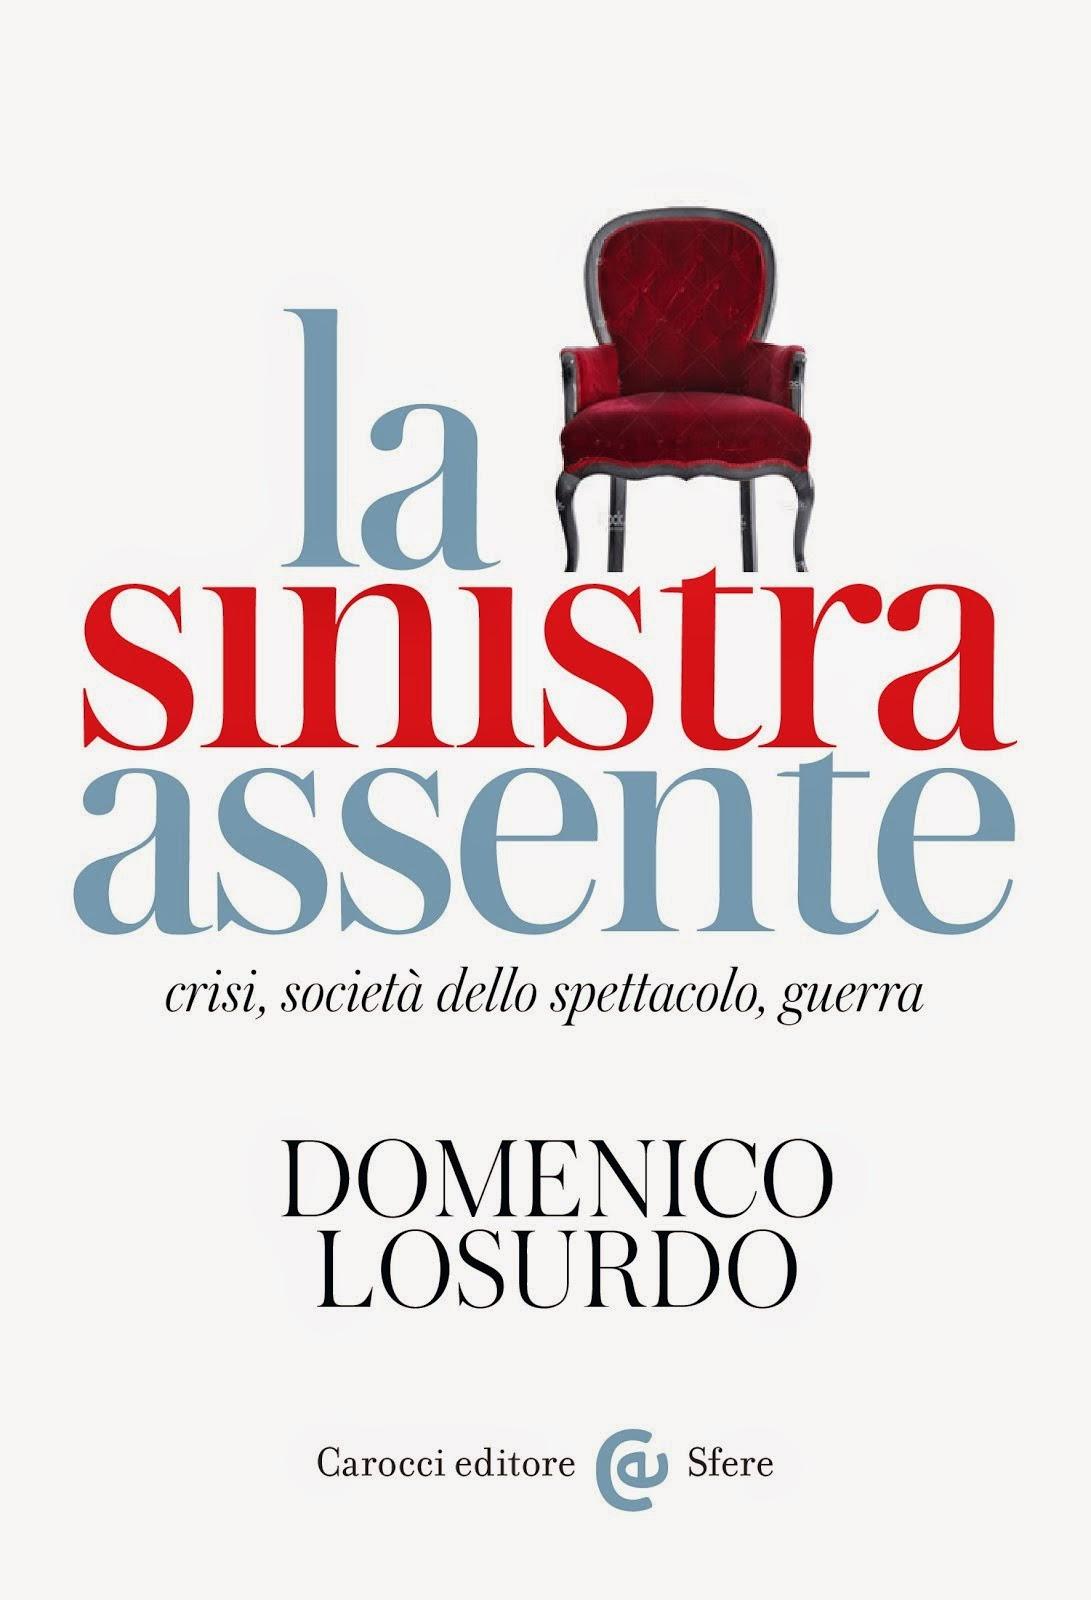 Domenico Losurdo: La sinistra assente. Crisi, società dello spettacolo, guerra, Carocci, Roma 2014